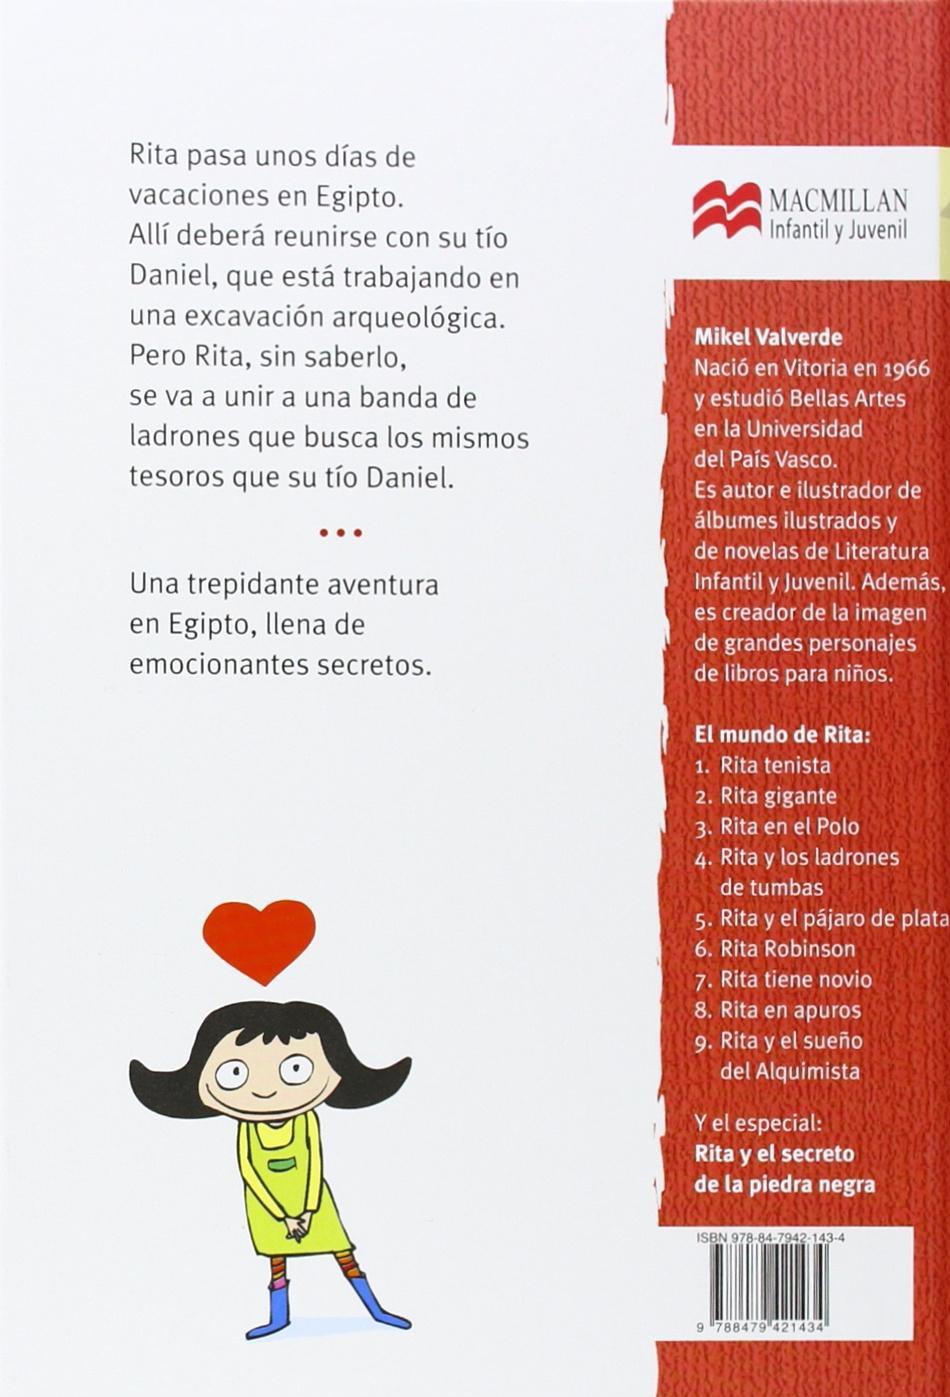 Rita y los ladrones de tumbas (El Mundo de Rita) (Spanish Edition): Mikel Valverde: 9788479421434: Amazon.com: Books